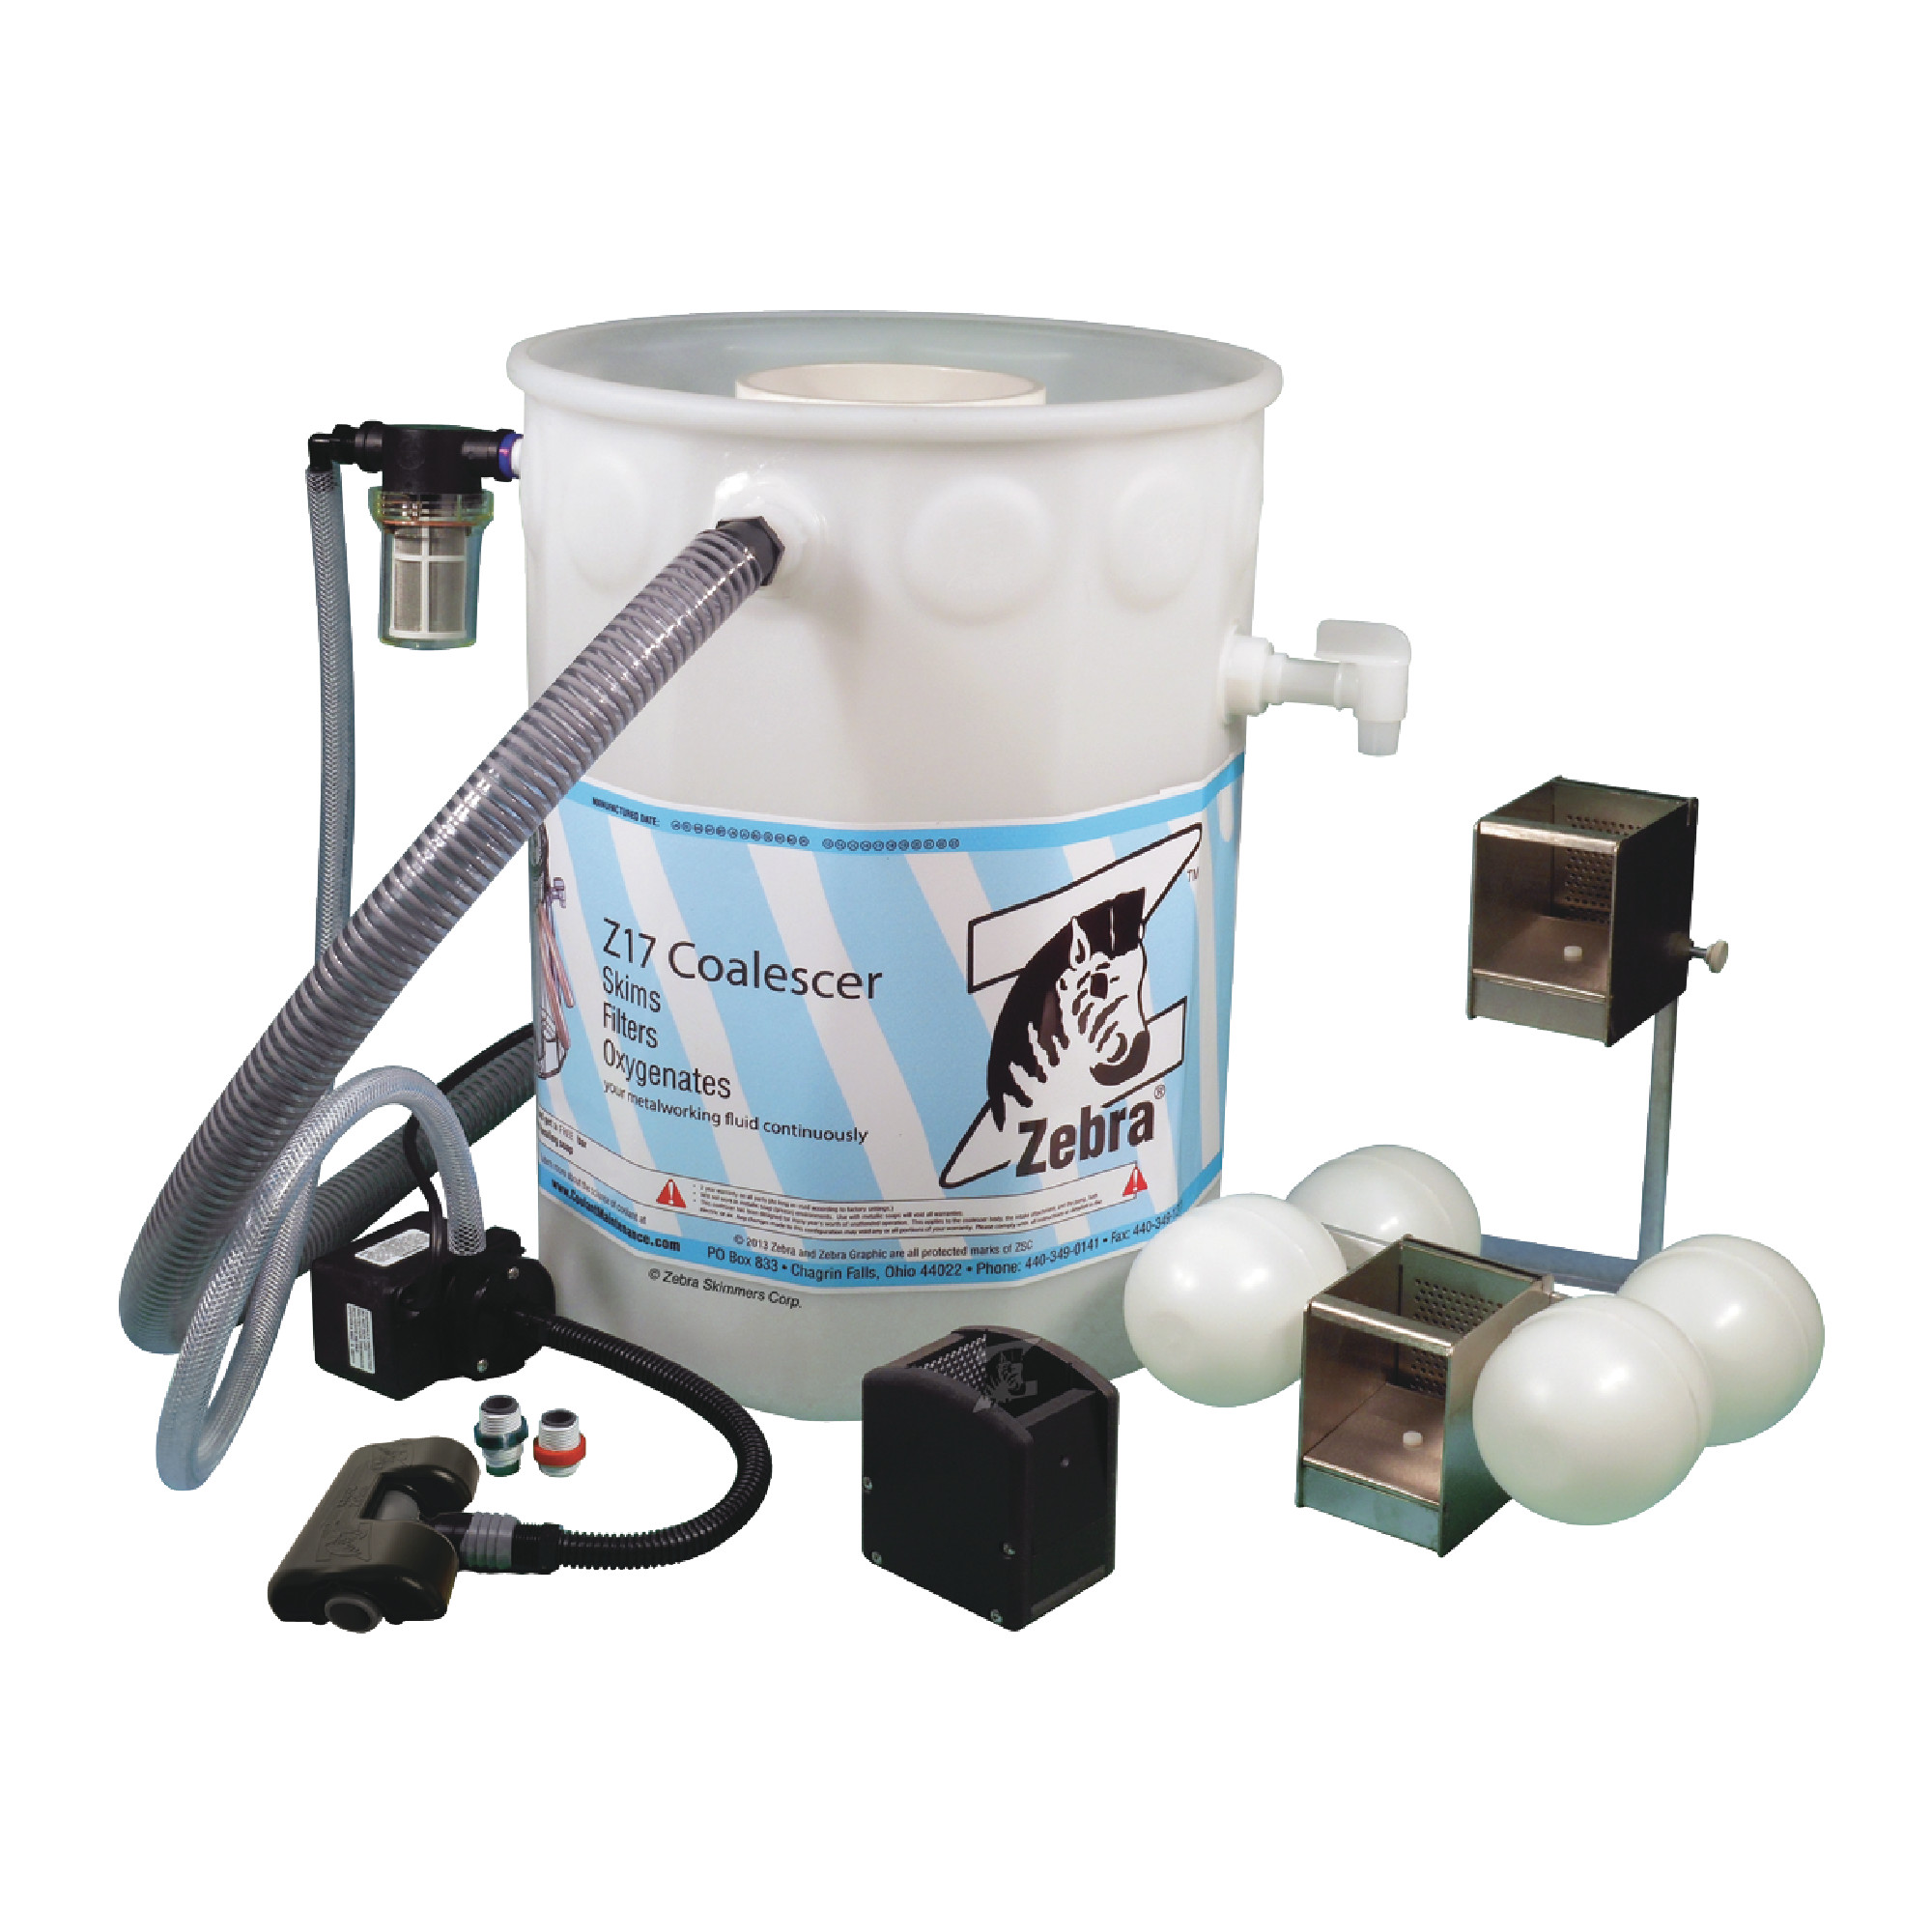 Hammerhead Muscle Coalescer FLEXOR Package